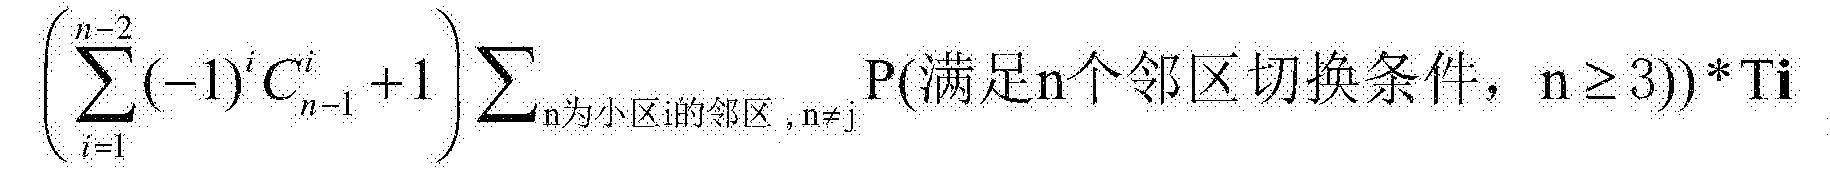 Figure CN104219707BC00043